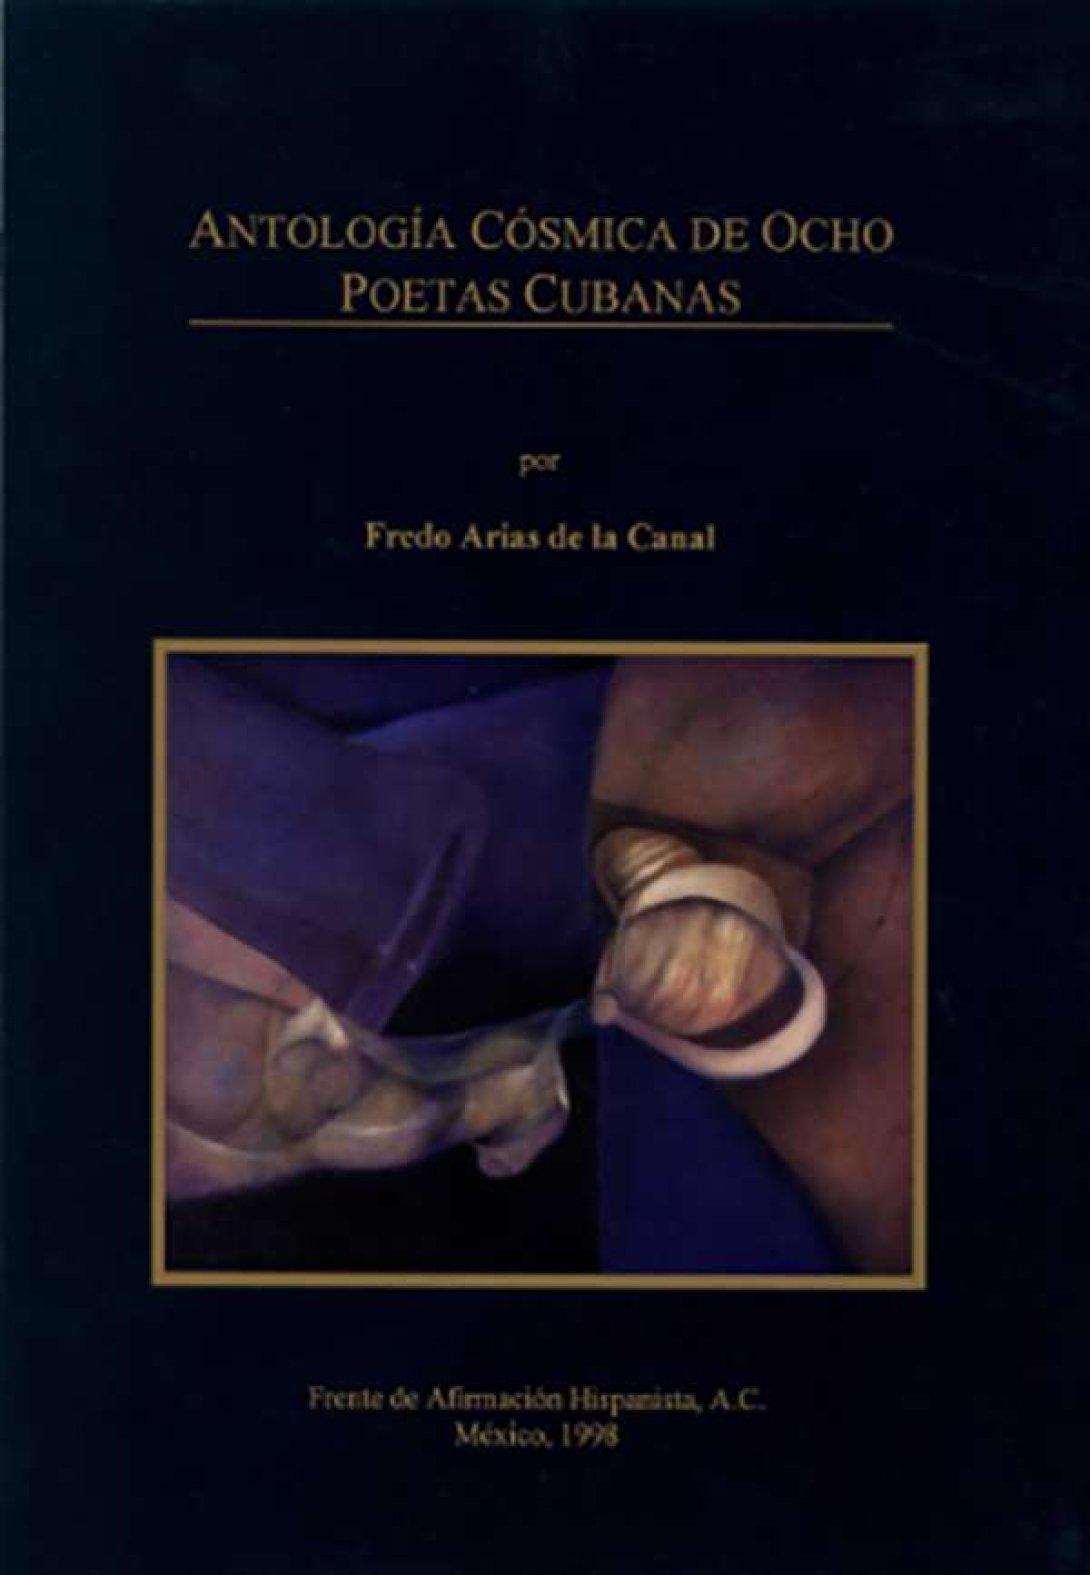 Antología Ocho poetas cubanas (Frente de Afirmación Hispanista, México, 1998)